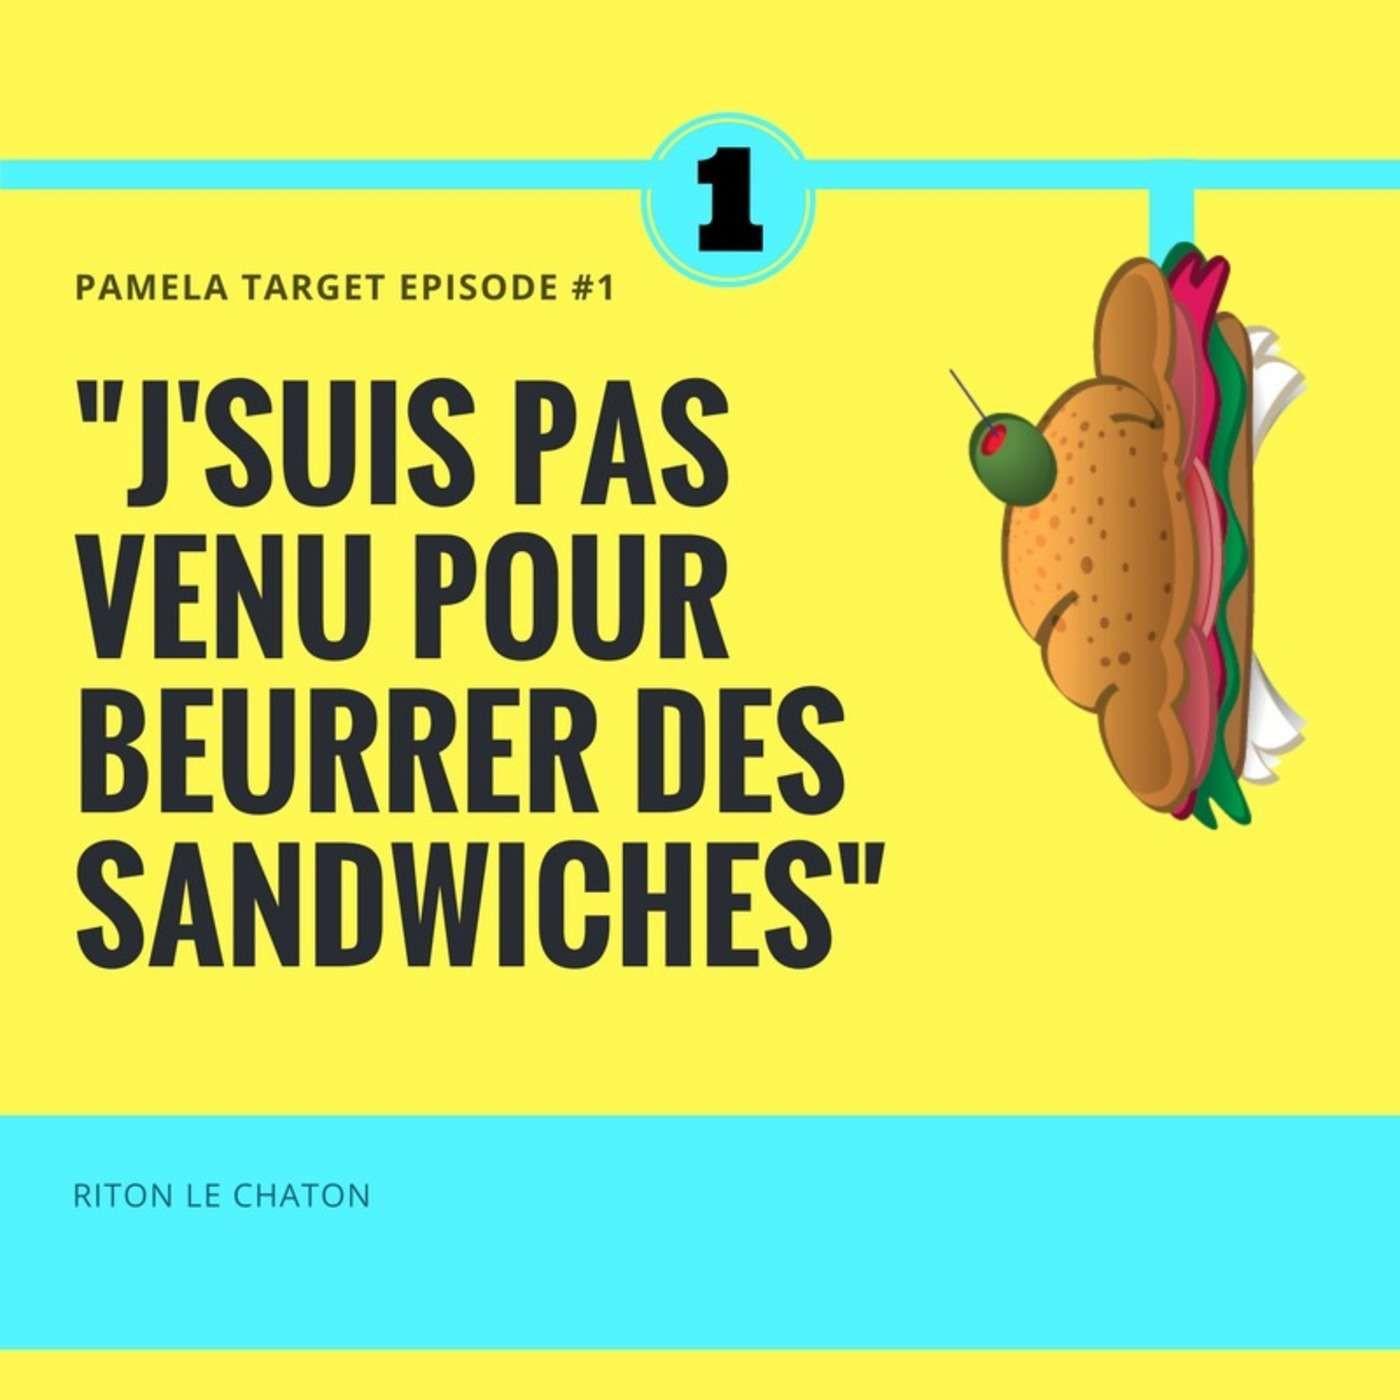 PT S01E01 J'suis pas venu pour beurrer des sandwiches.